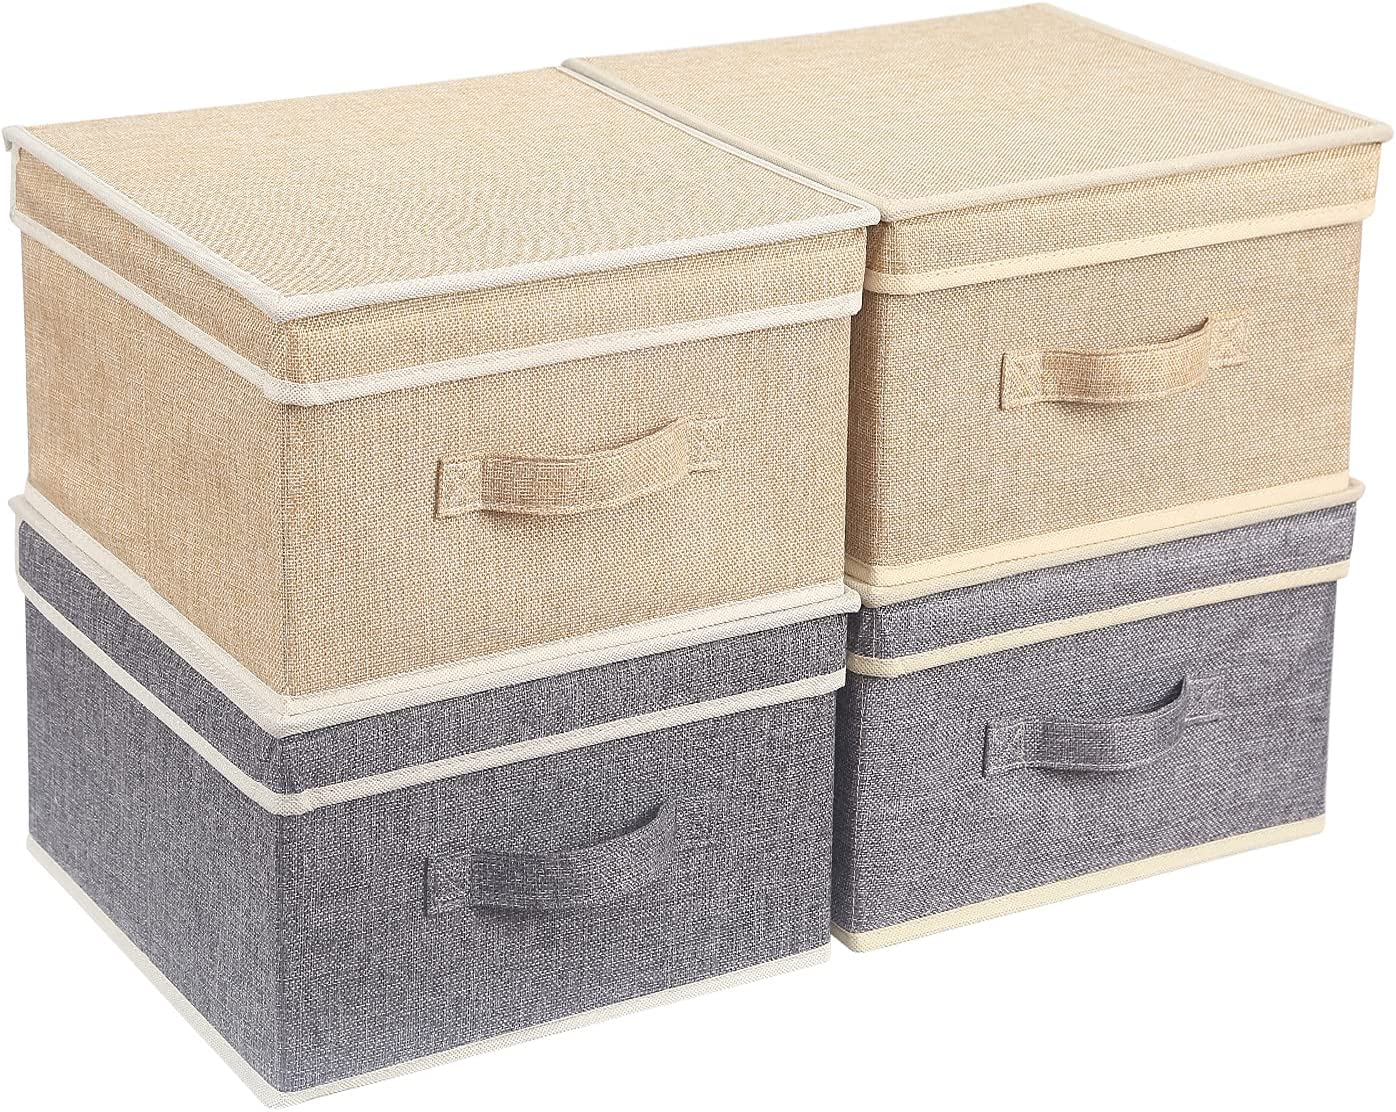 BrilliantJo Cajas de Almacenamiento con Tapas, Juego de 4 cestas de Almacenamiento de Ropa Plegables con asa para Juguetes Libros Armario Dormitorio casa 31,5 * 30,5 * 17 cm(2 Beige+2 Gris)